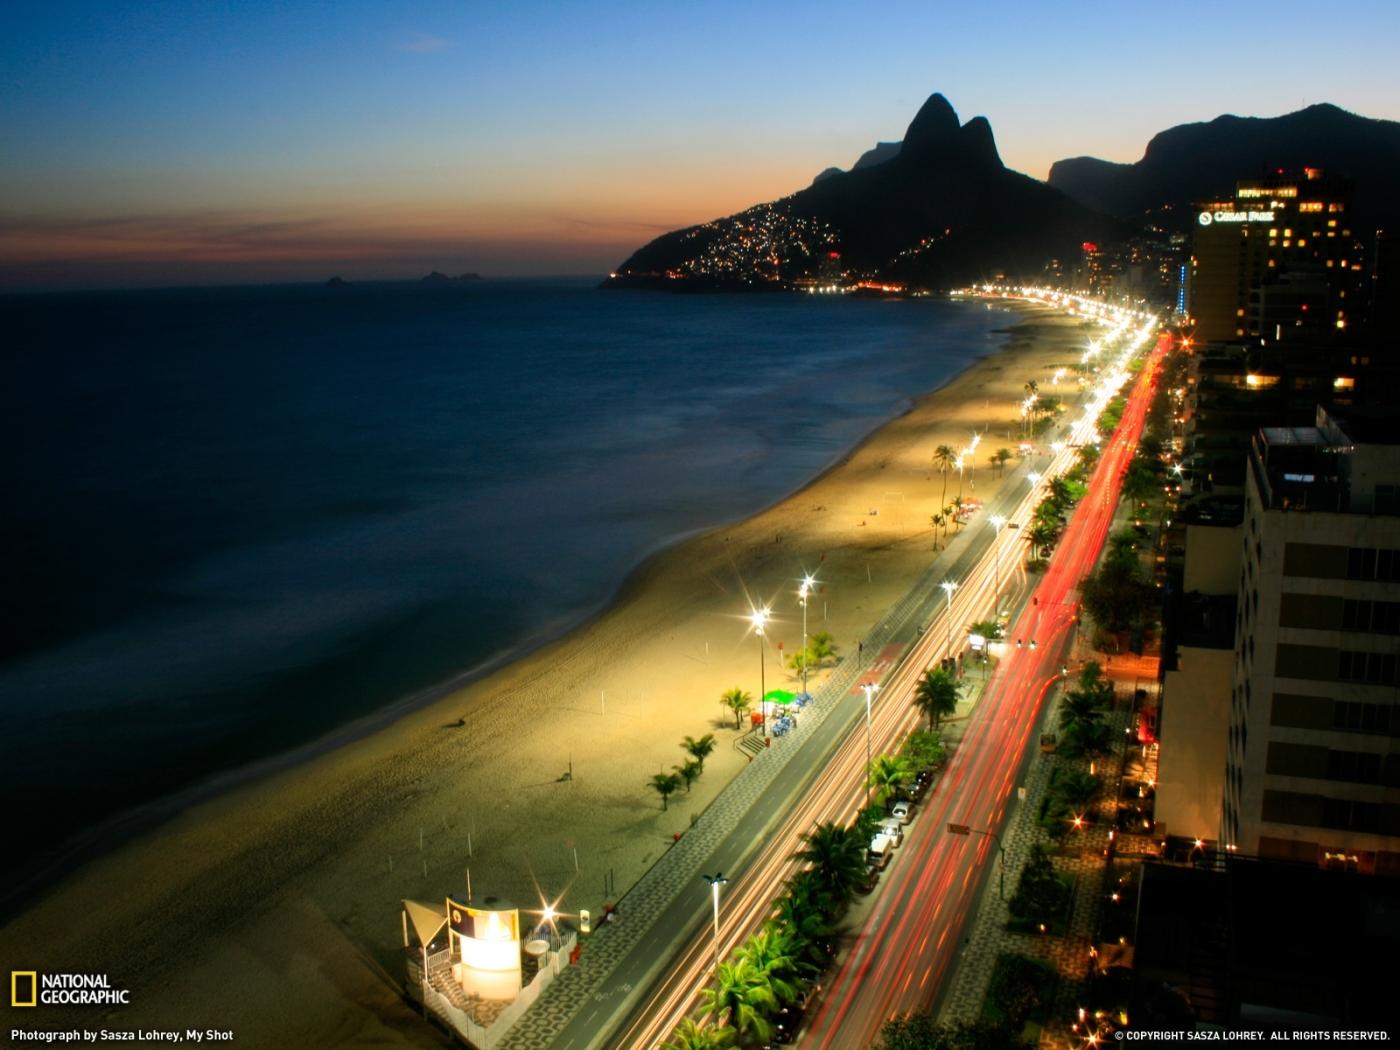 Скачать картинку Пейзаж, Города, Дороги, Горы, Море, Ночь, Пляж в телефон бесплатно.